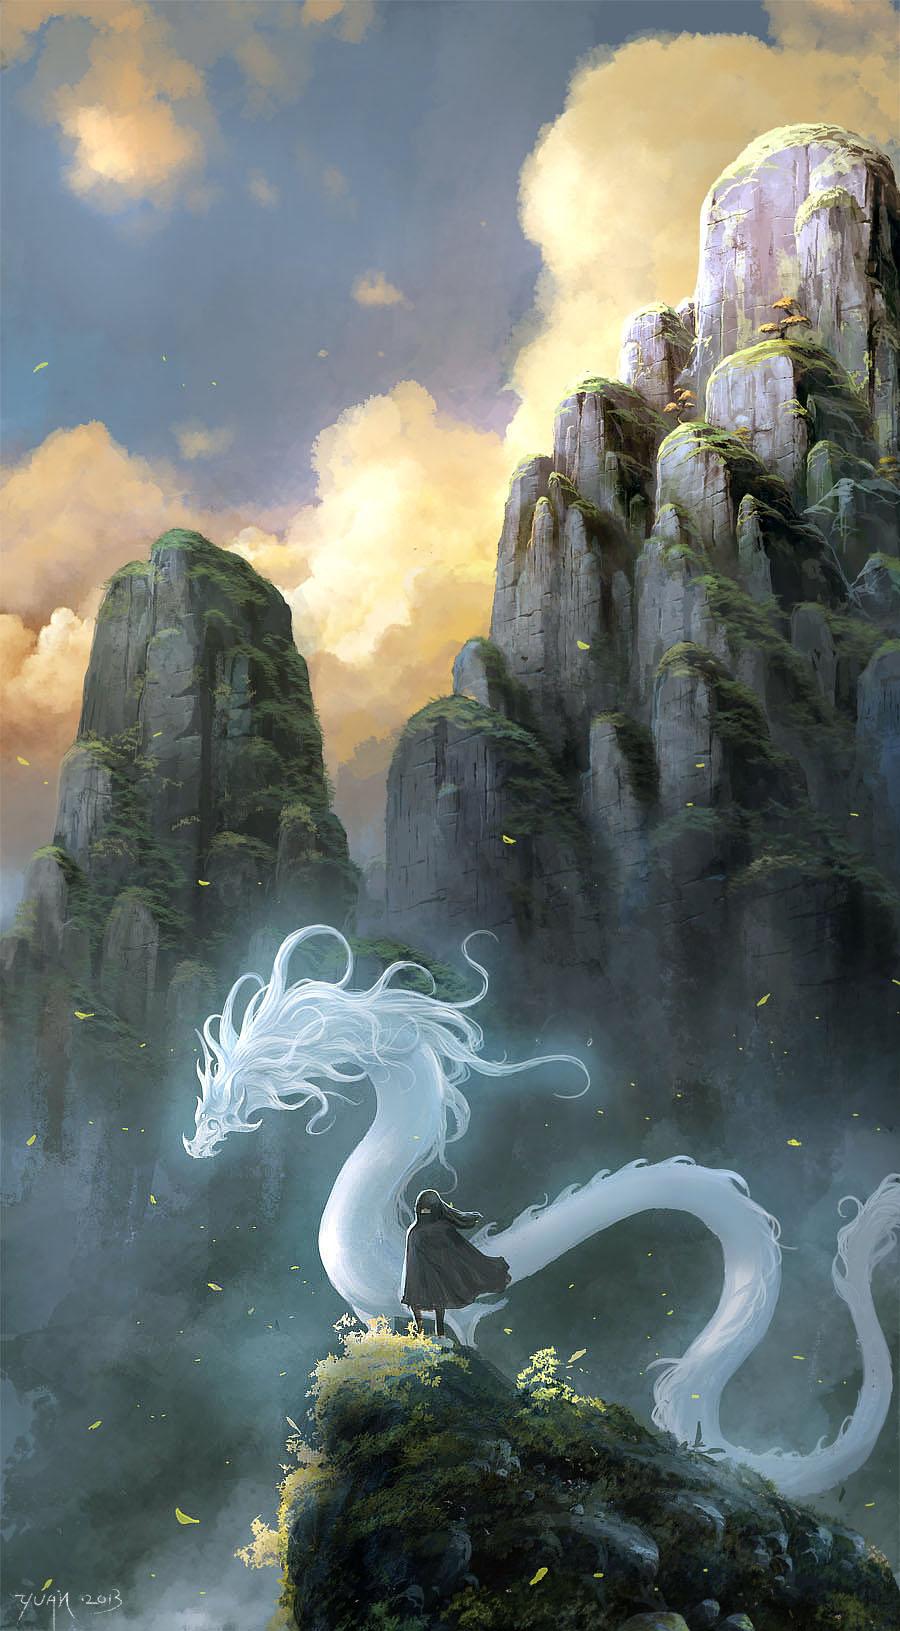 White Dragon by ChaoyuanXu